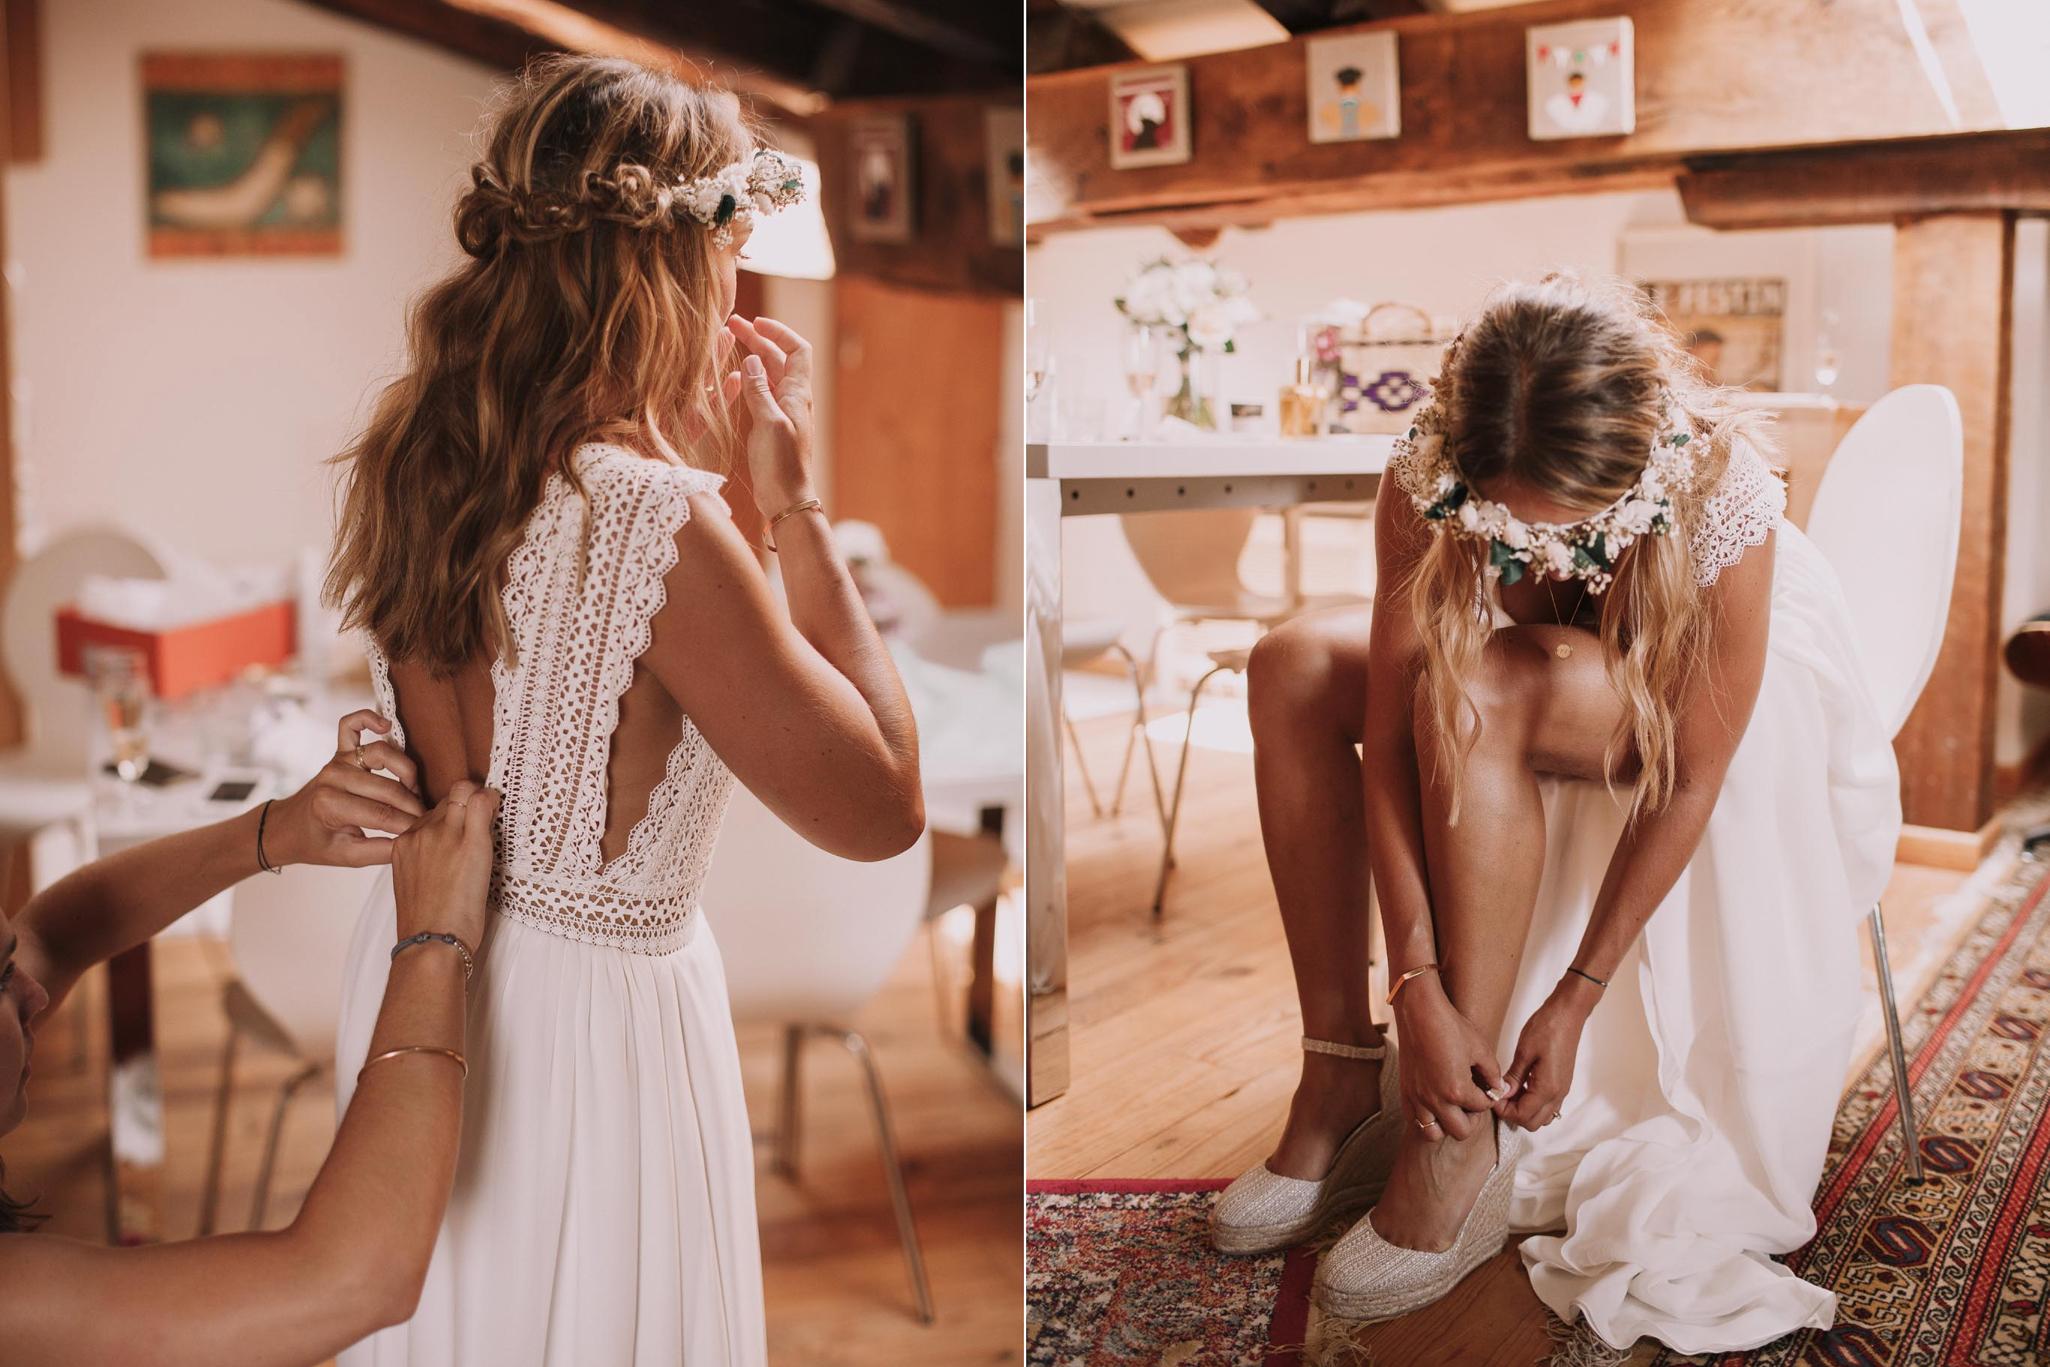 Photographe-mariage-bordeaux-jeremy-boyer-pays-basque-ihartze-artea-sare-robe-eleonore-pauc-couple-amour-38.jpg